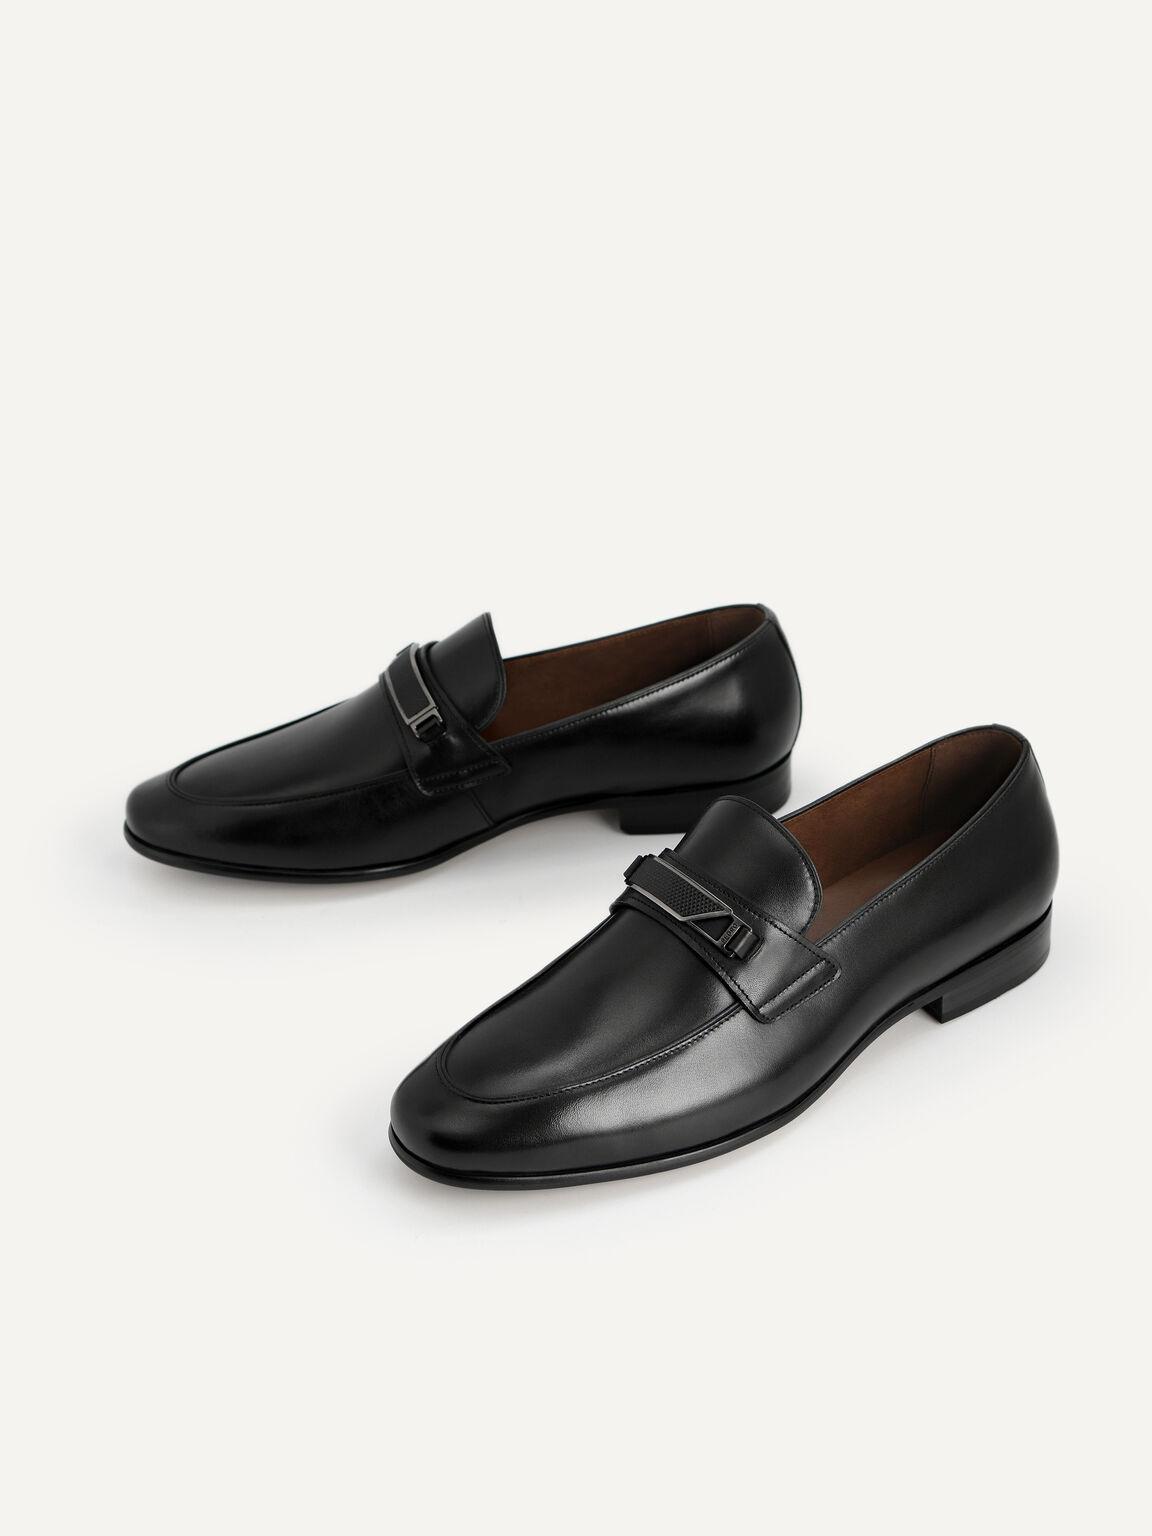 帶金屬裝飾皮革樂福鞋, 黑色, hi-res